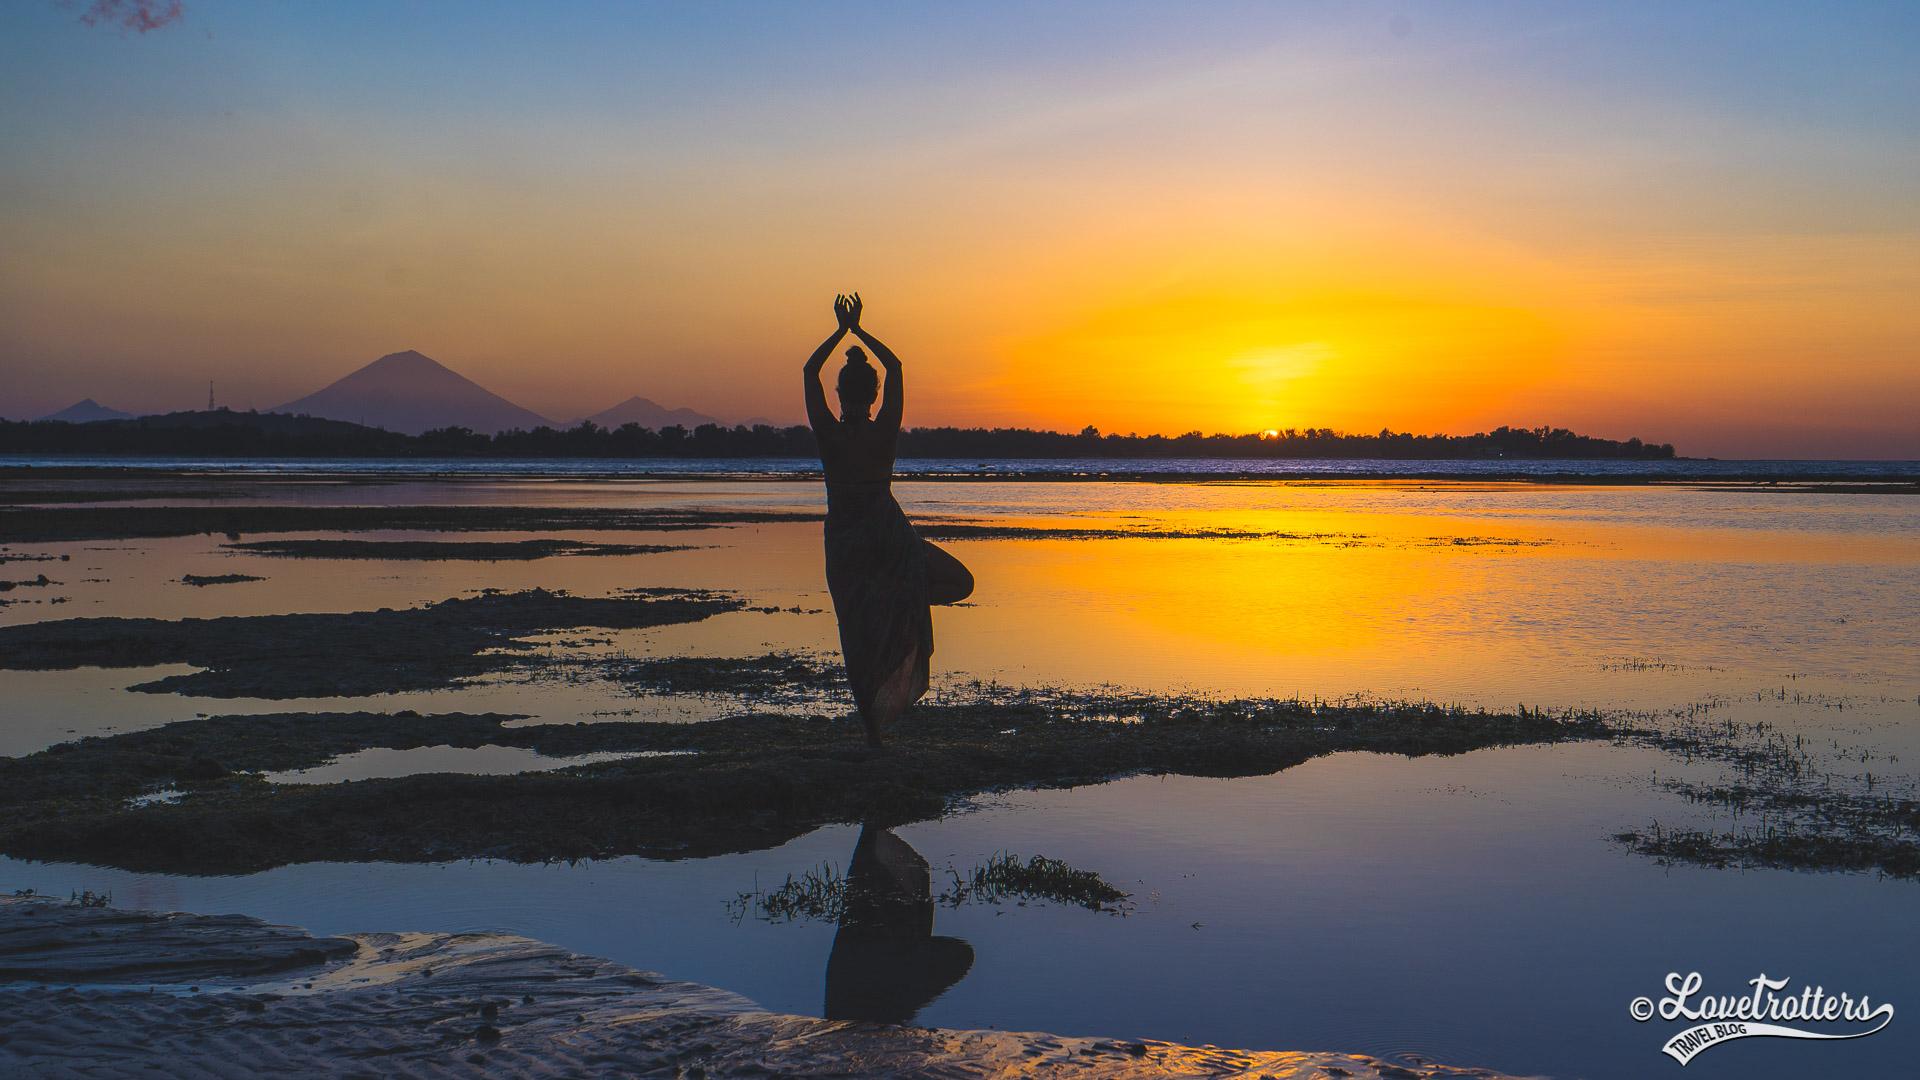 Voyage à Bali - coucher de soleil sur Lombok et Bali